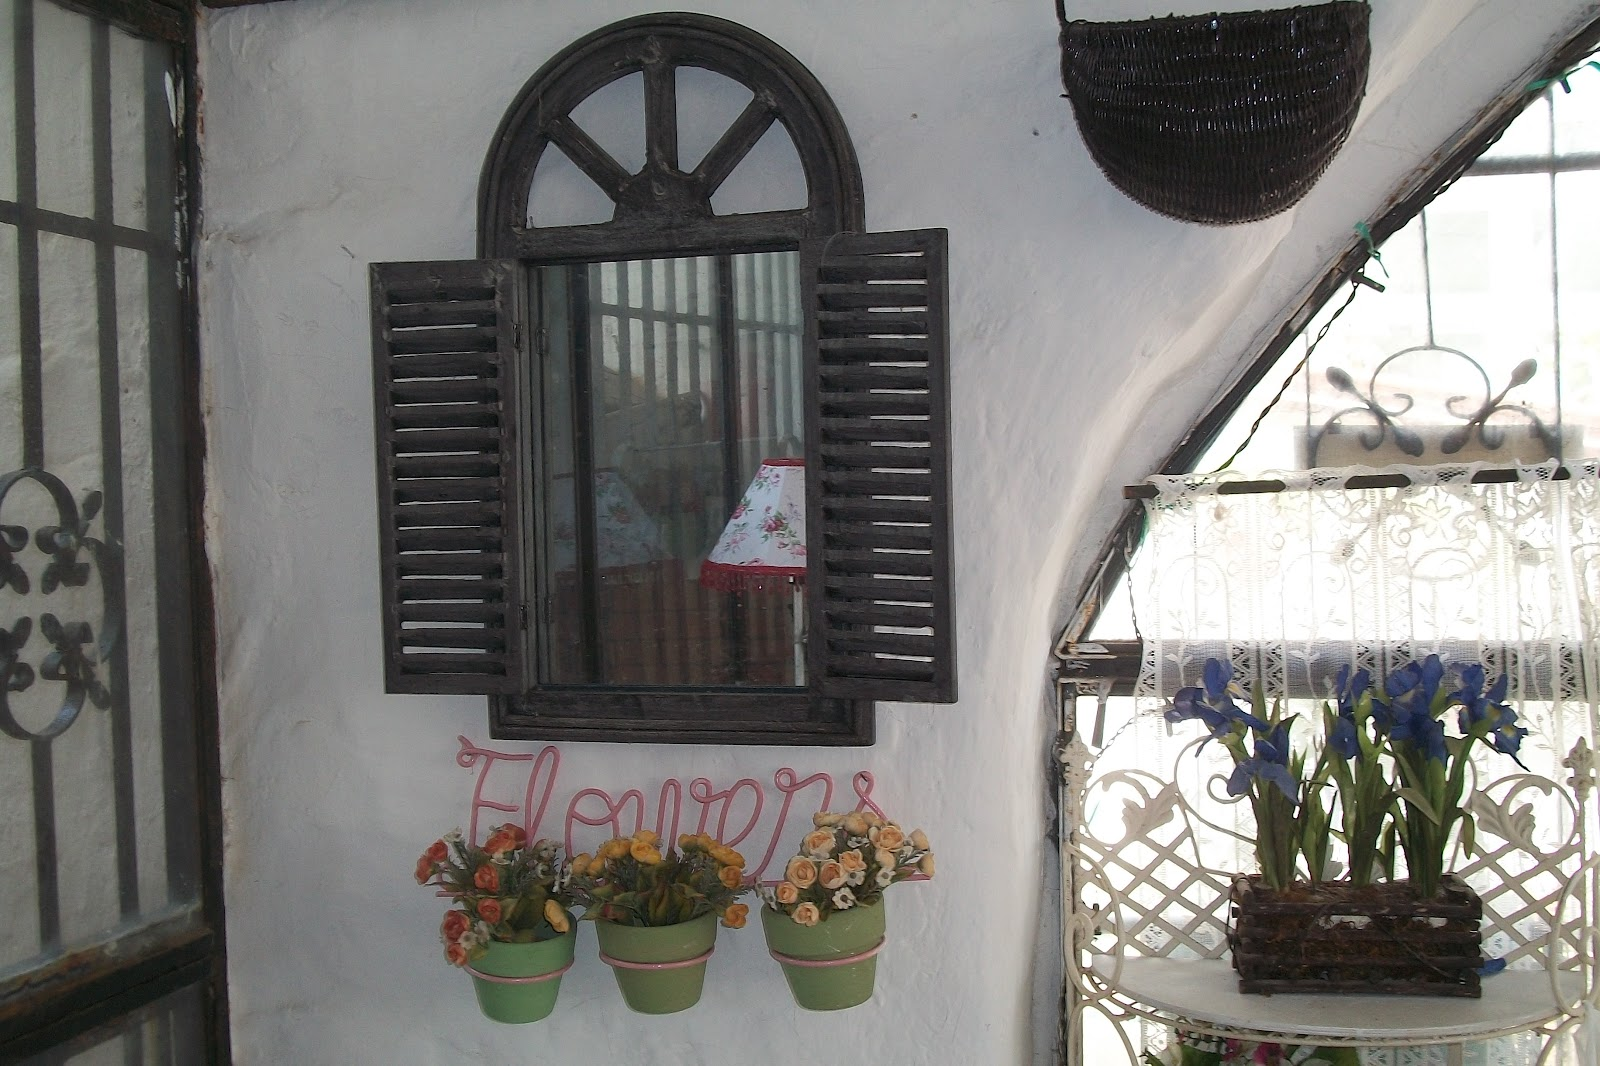 La casa di rory la mia veranda rifatta riciclando for Vecchi piani di casa artigiano